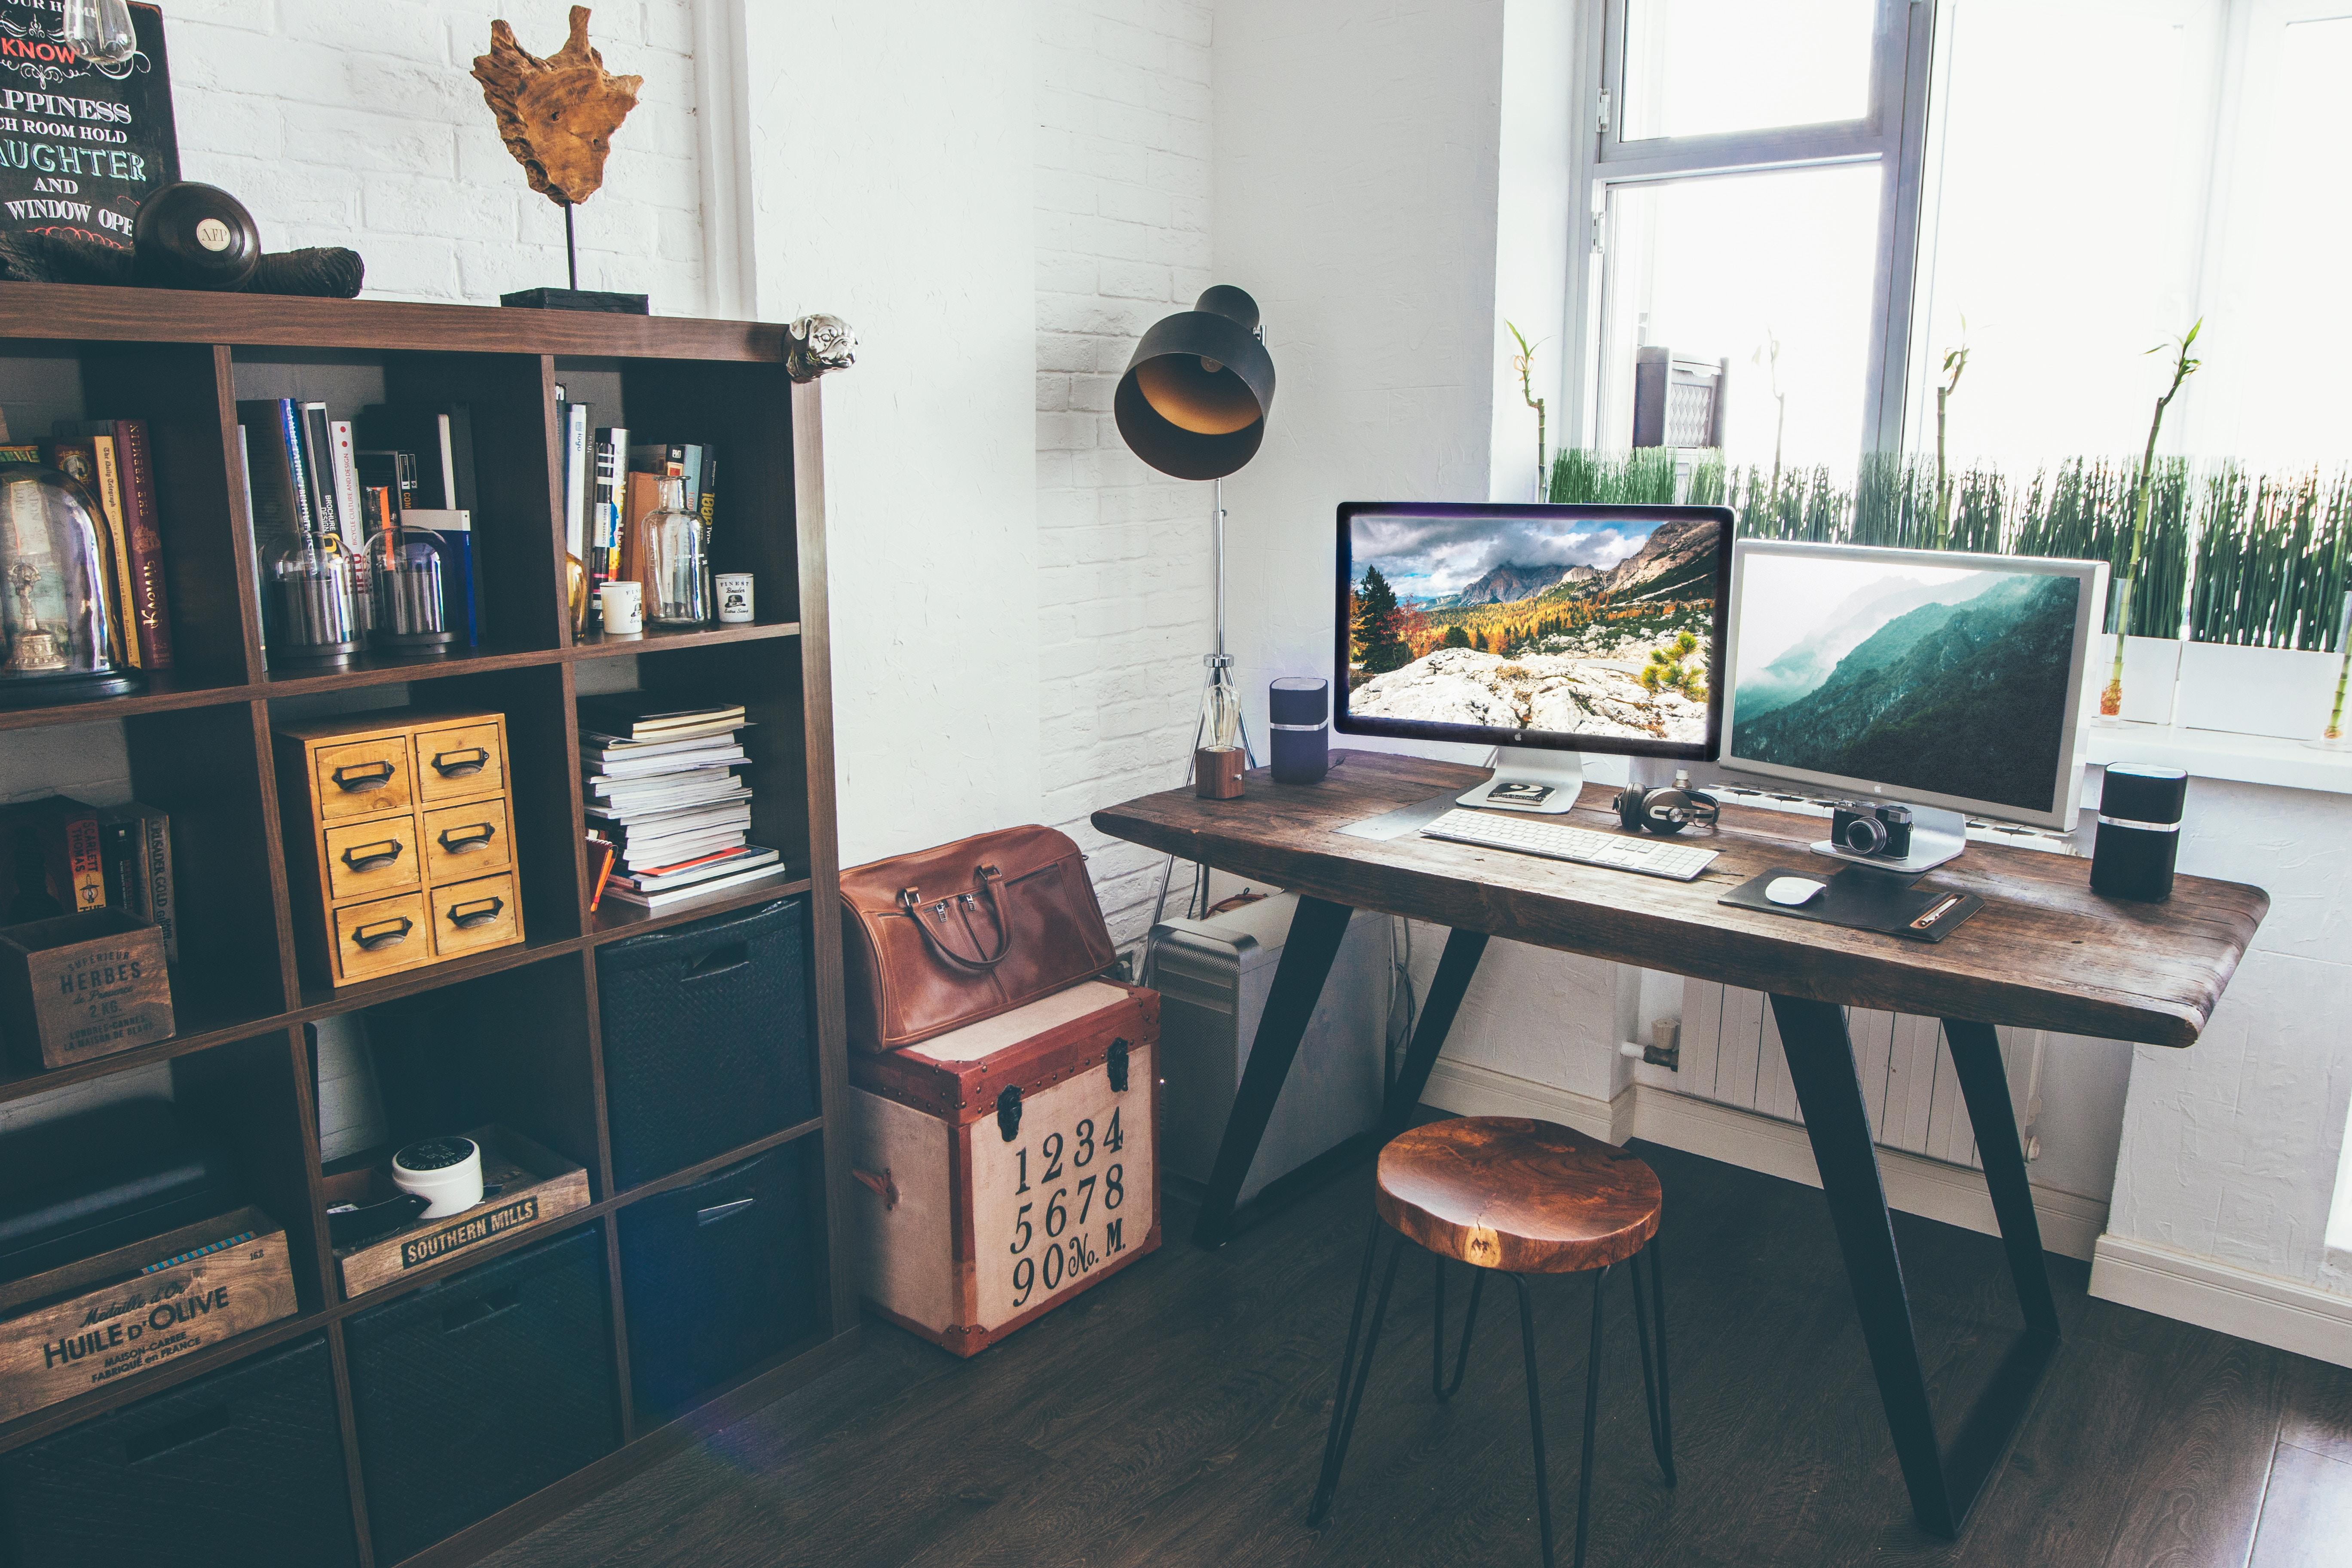 Как получить согласие на перепланировку квартиры и его образец в 2019 году